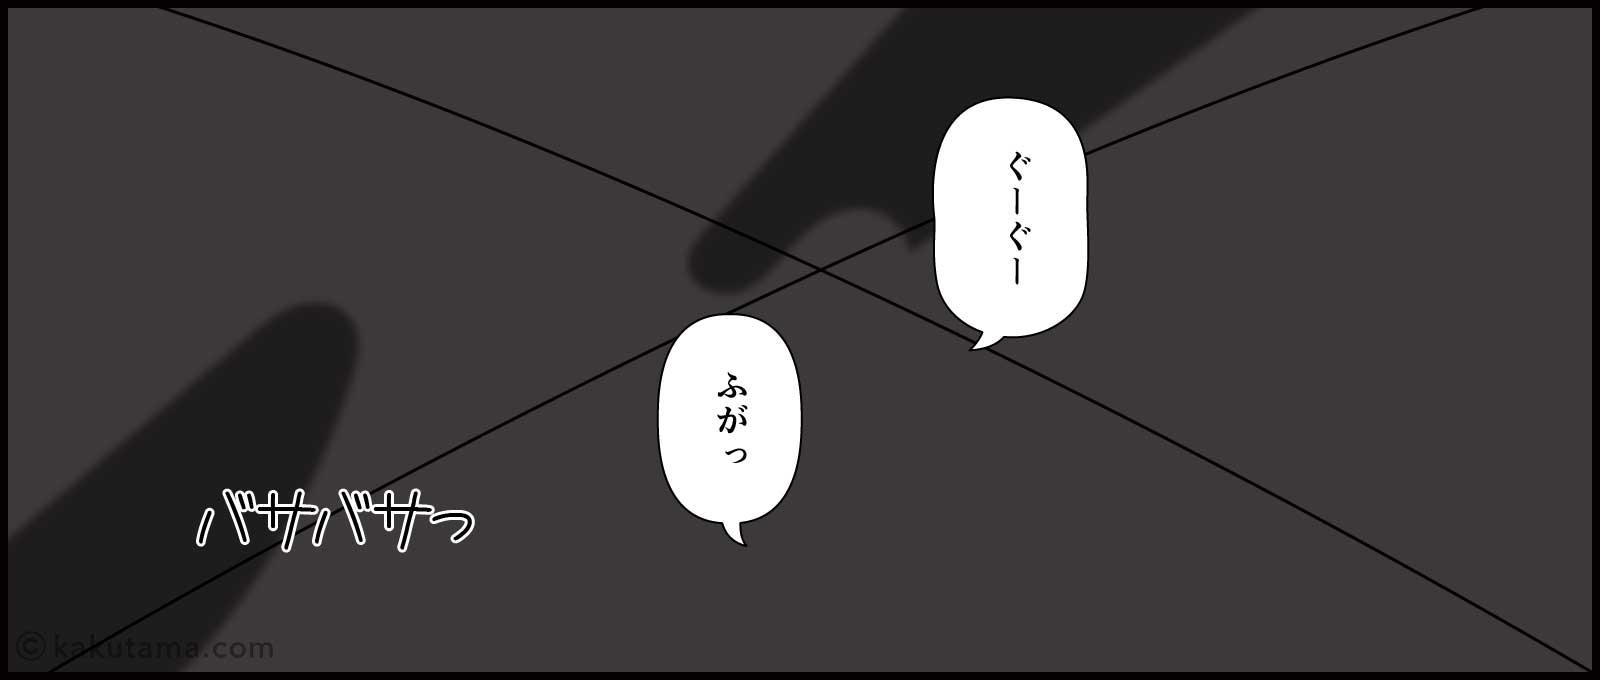 槍ヶ岳テント場でテント泊をする漫画1